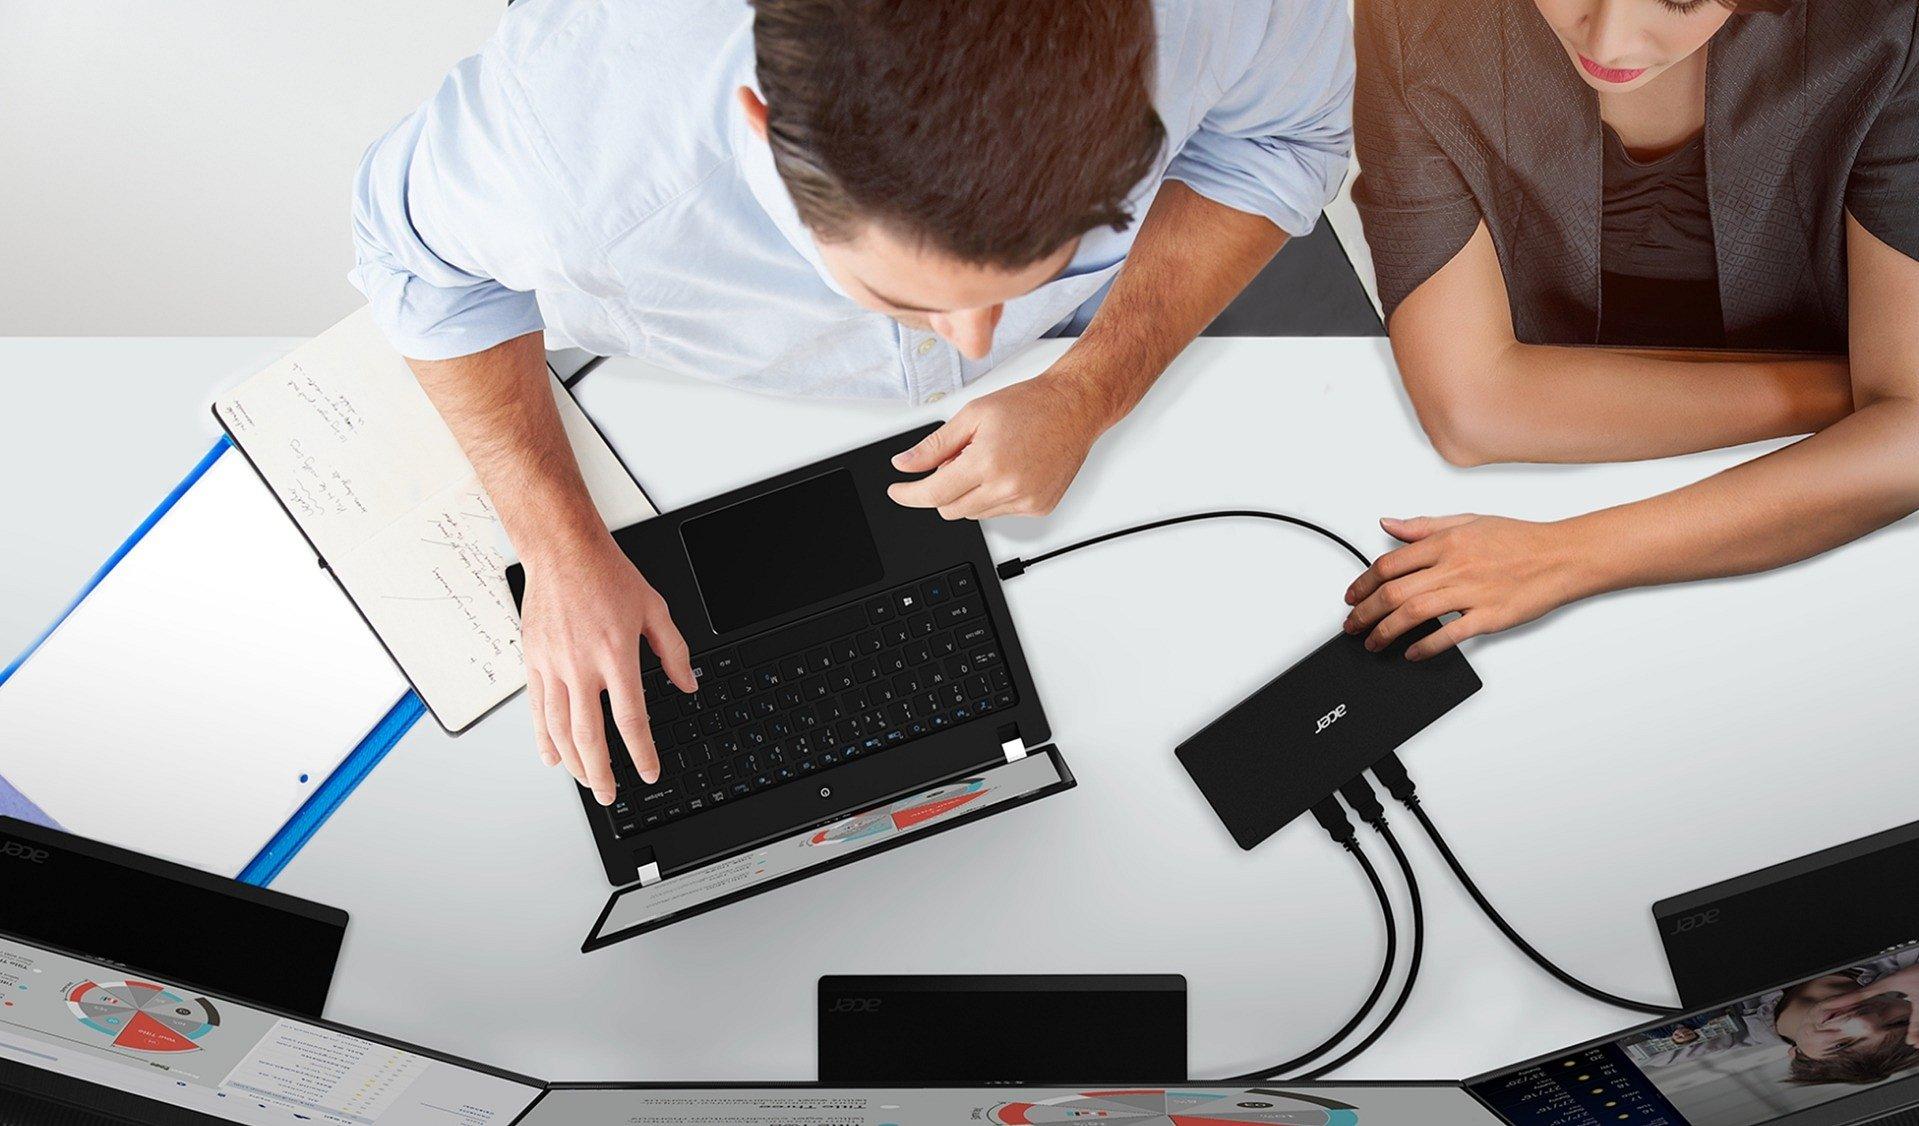 Acer TravelMate X3 dostępny już w Polsce. To laptop biznesowy o wysokiej wydajności i długim czasie pracy na baterii